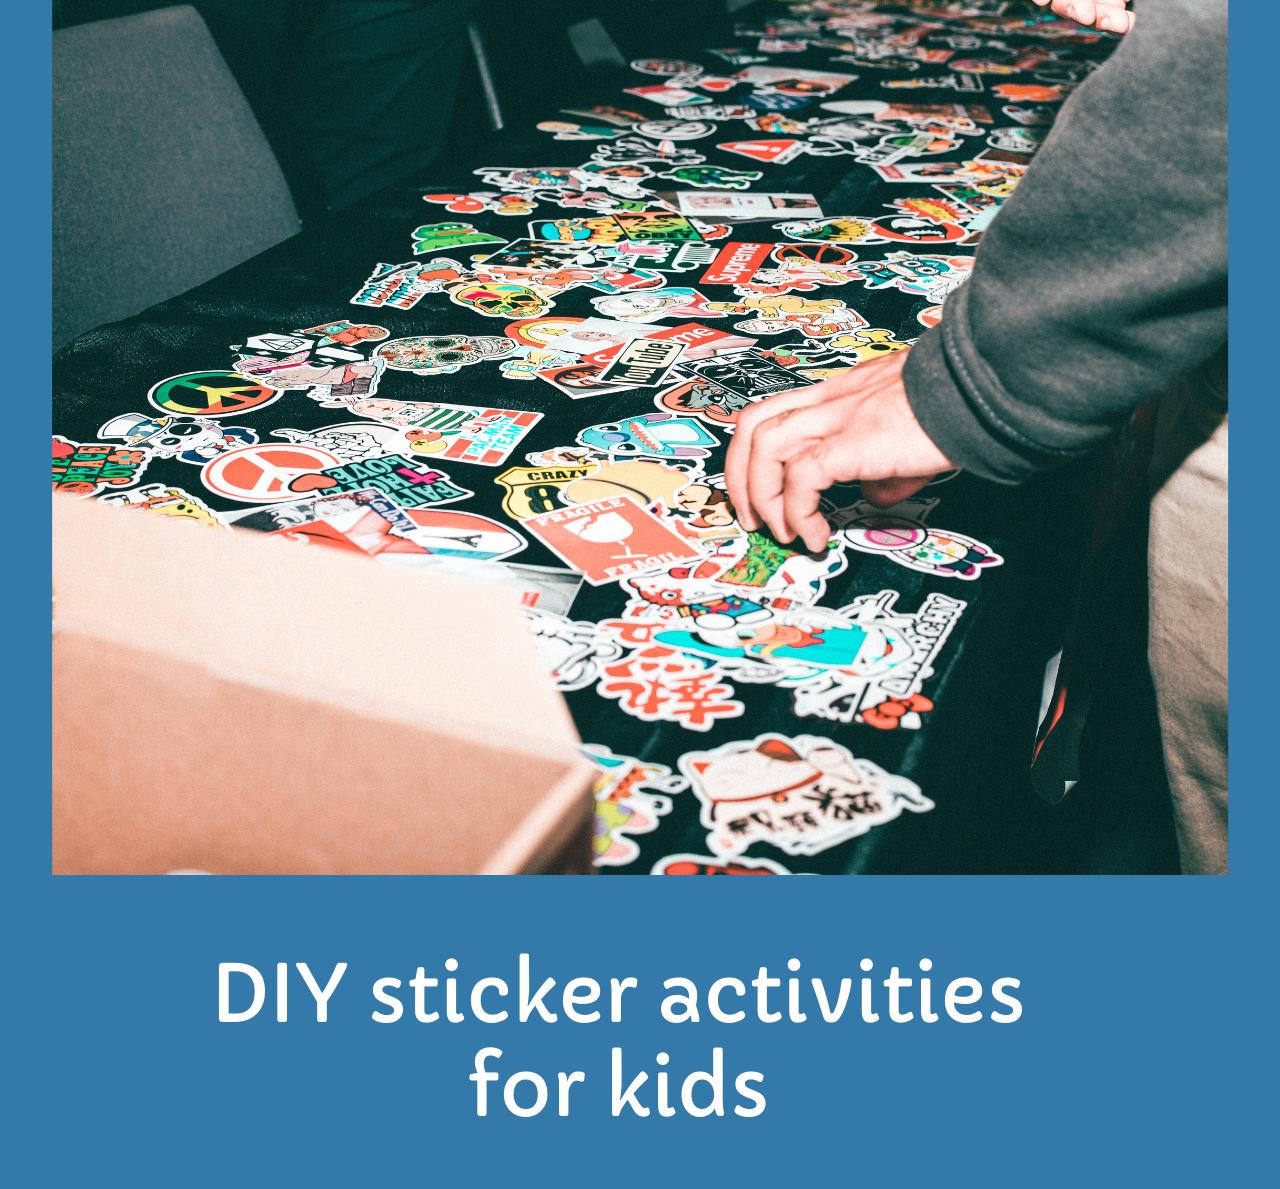 Sticker activities for kids